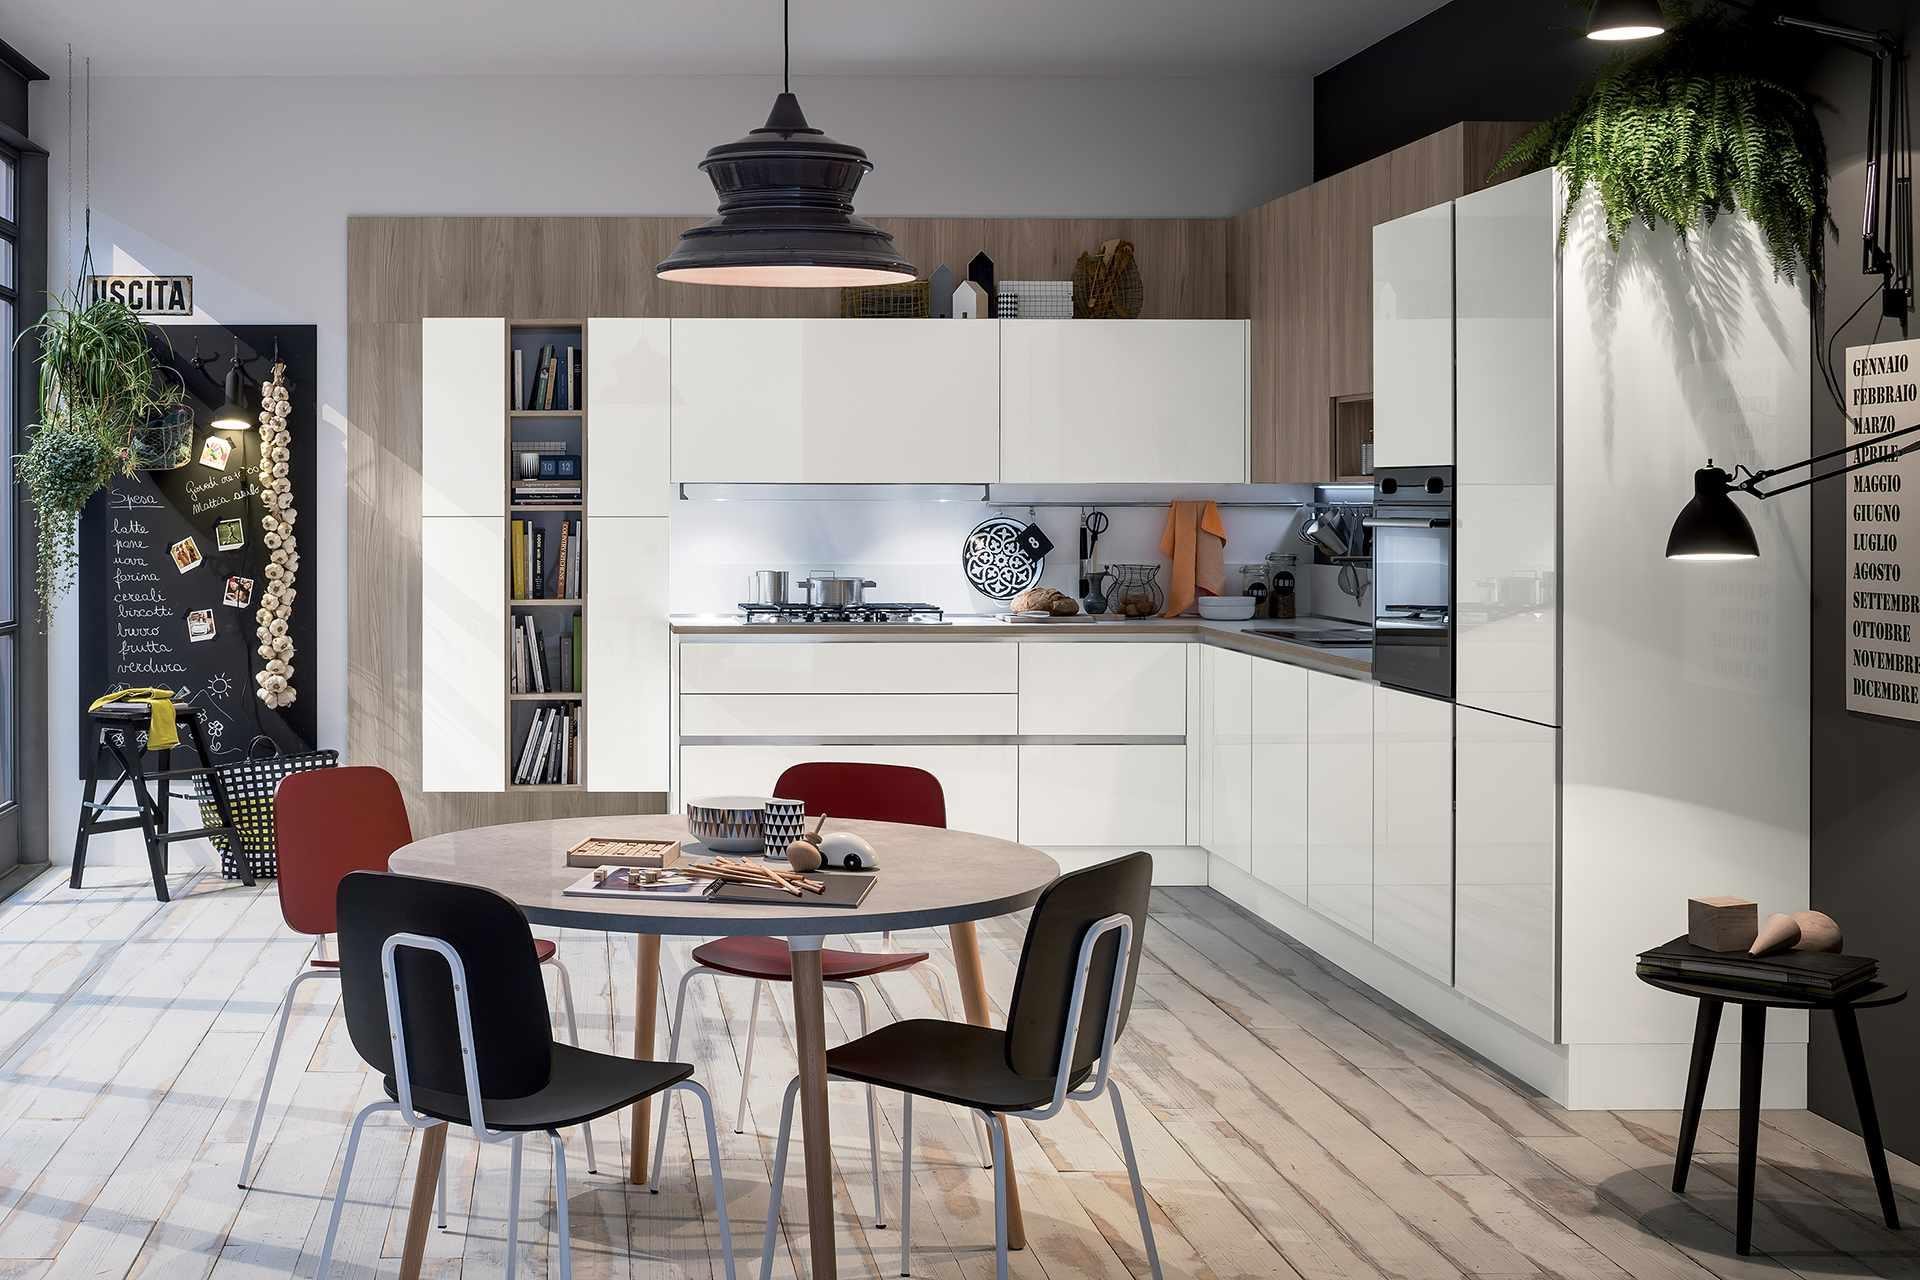 Dipingere Mobili Cucina. Come Colorare Le Pareti Del Soggiorno Fresh ...